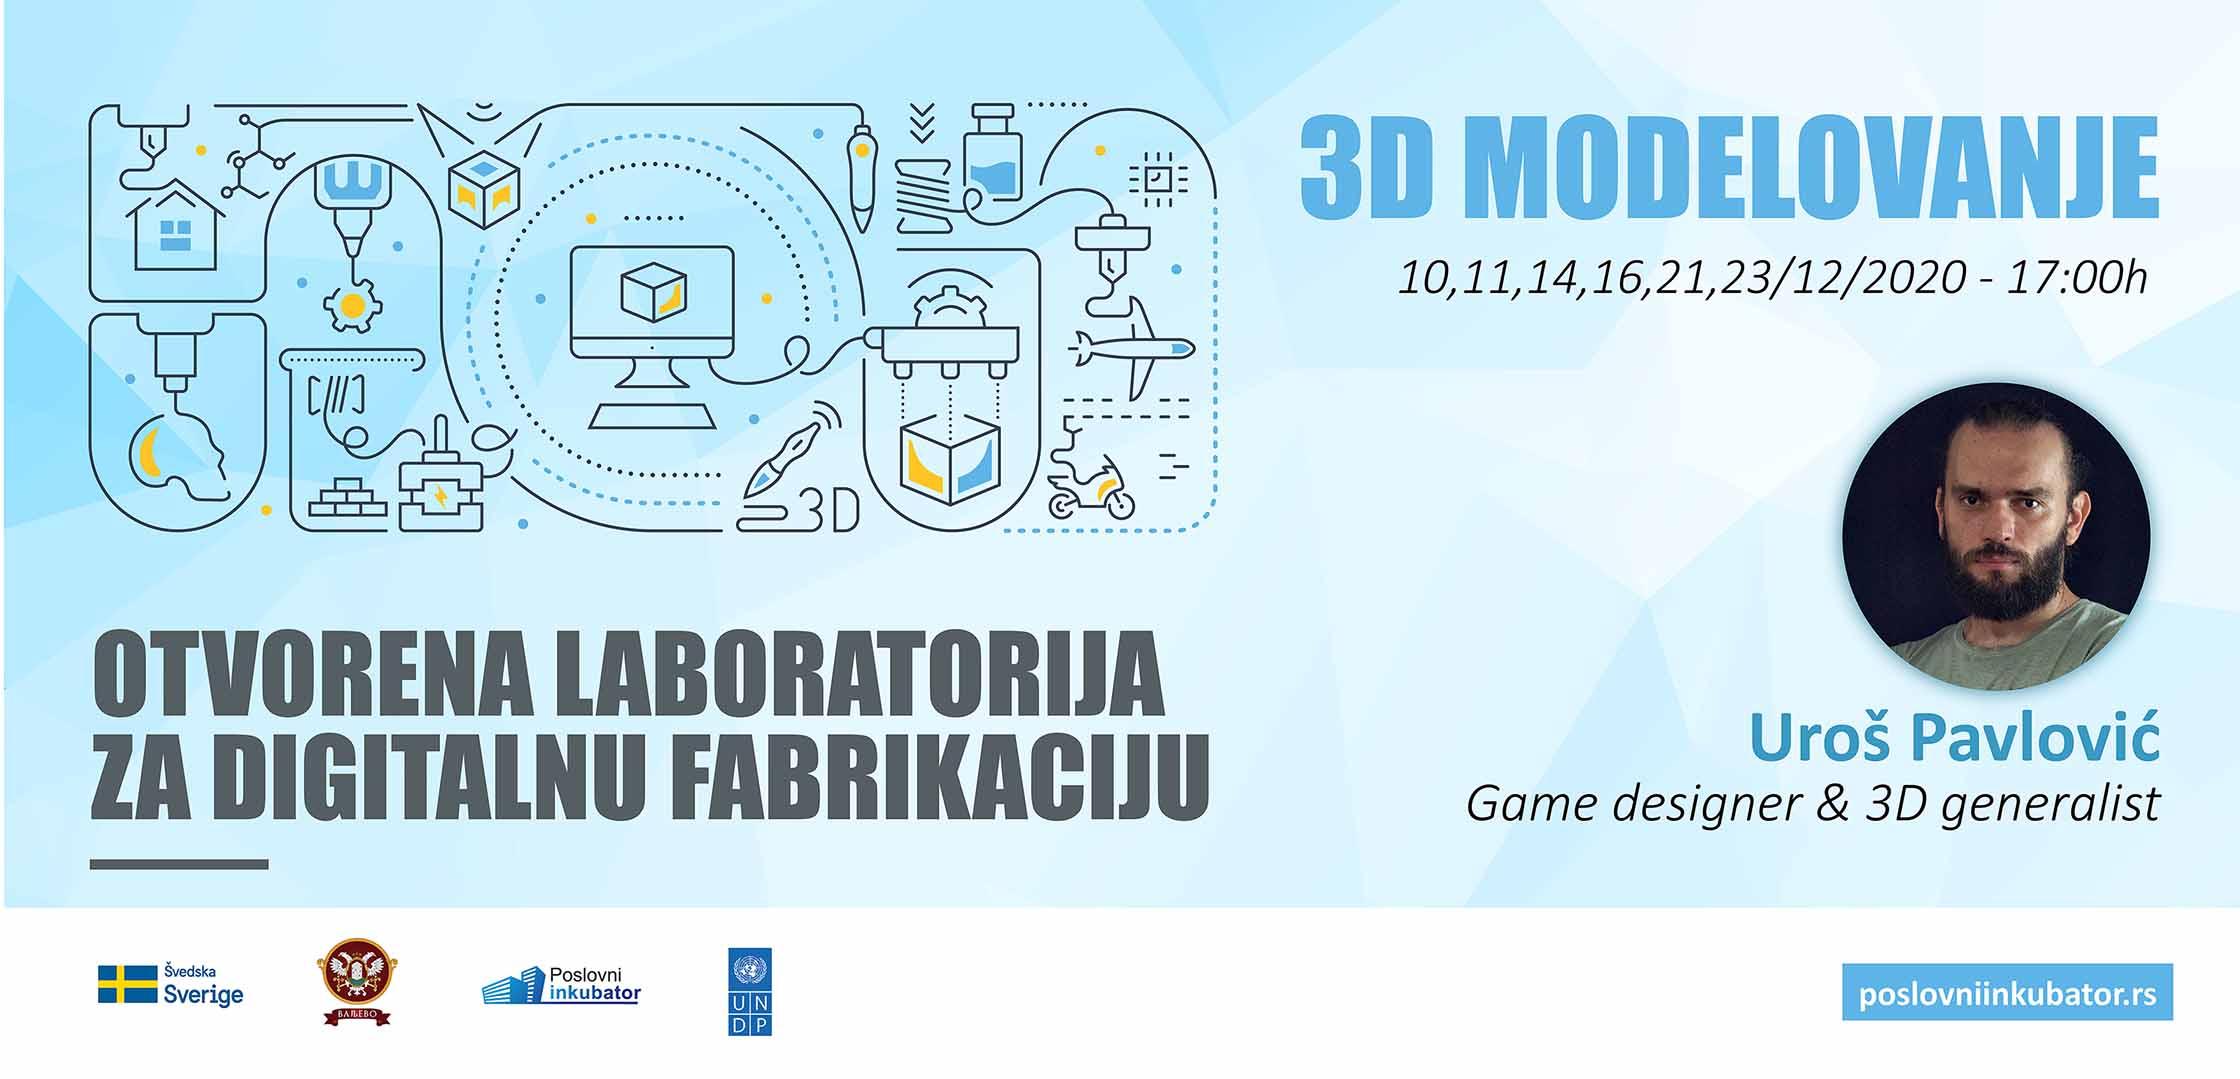 Prva obuka u okviru 3D laboratorije